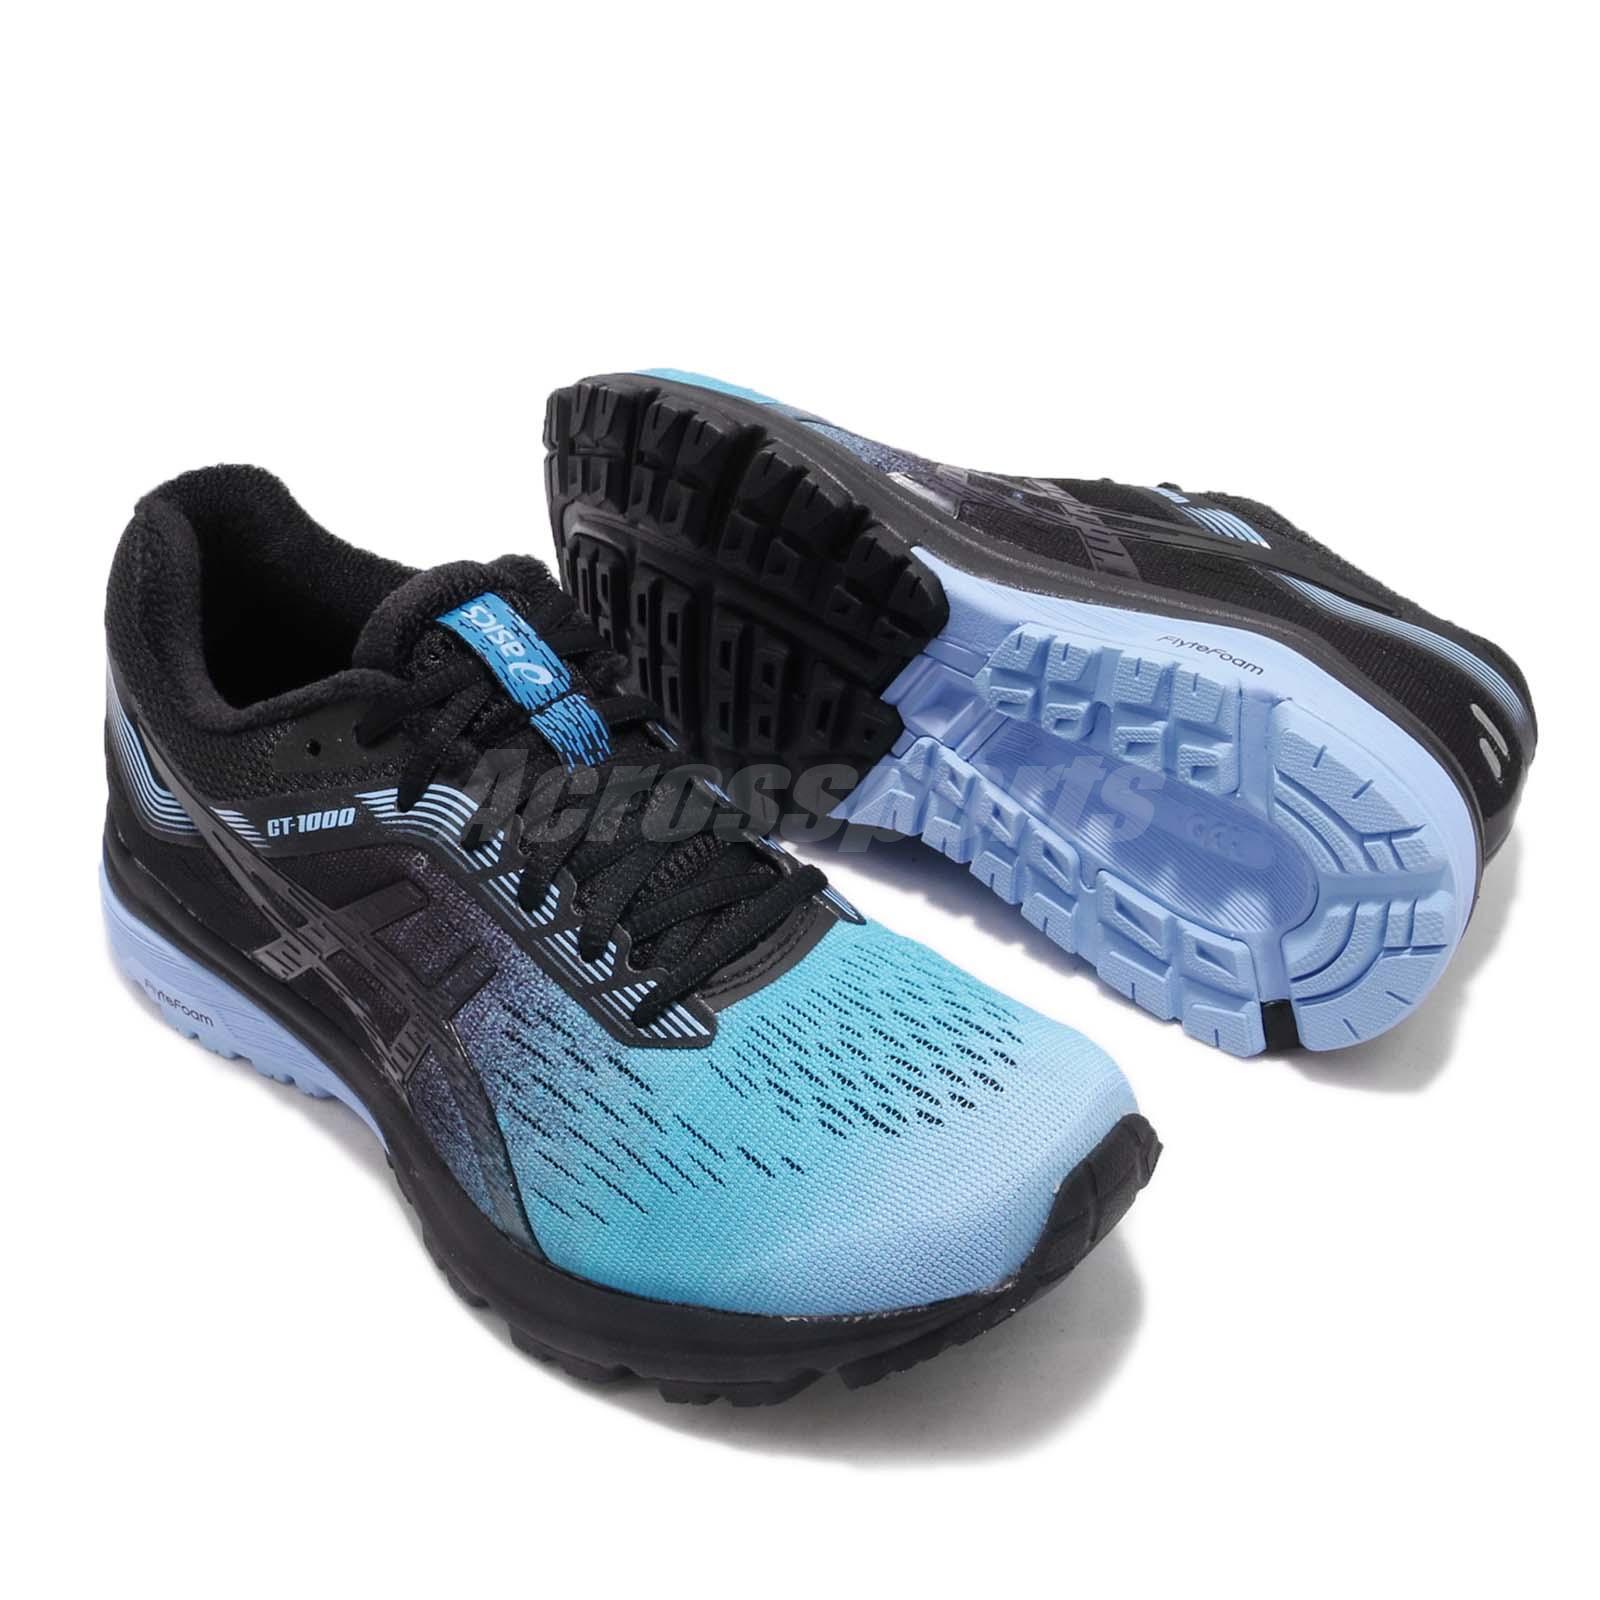 93a117372ce5 Asics GT-1000 7 SP Solar Shower Blue Bell Black Women Running Shoes ...